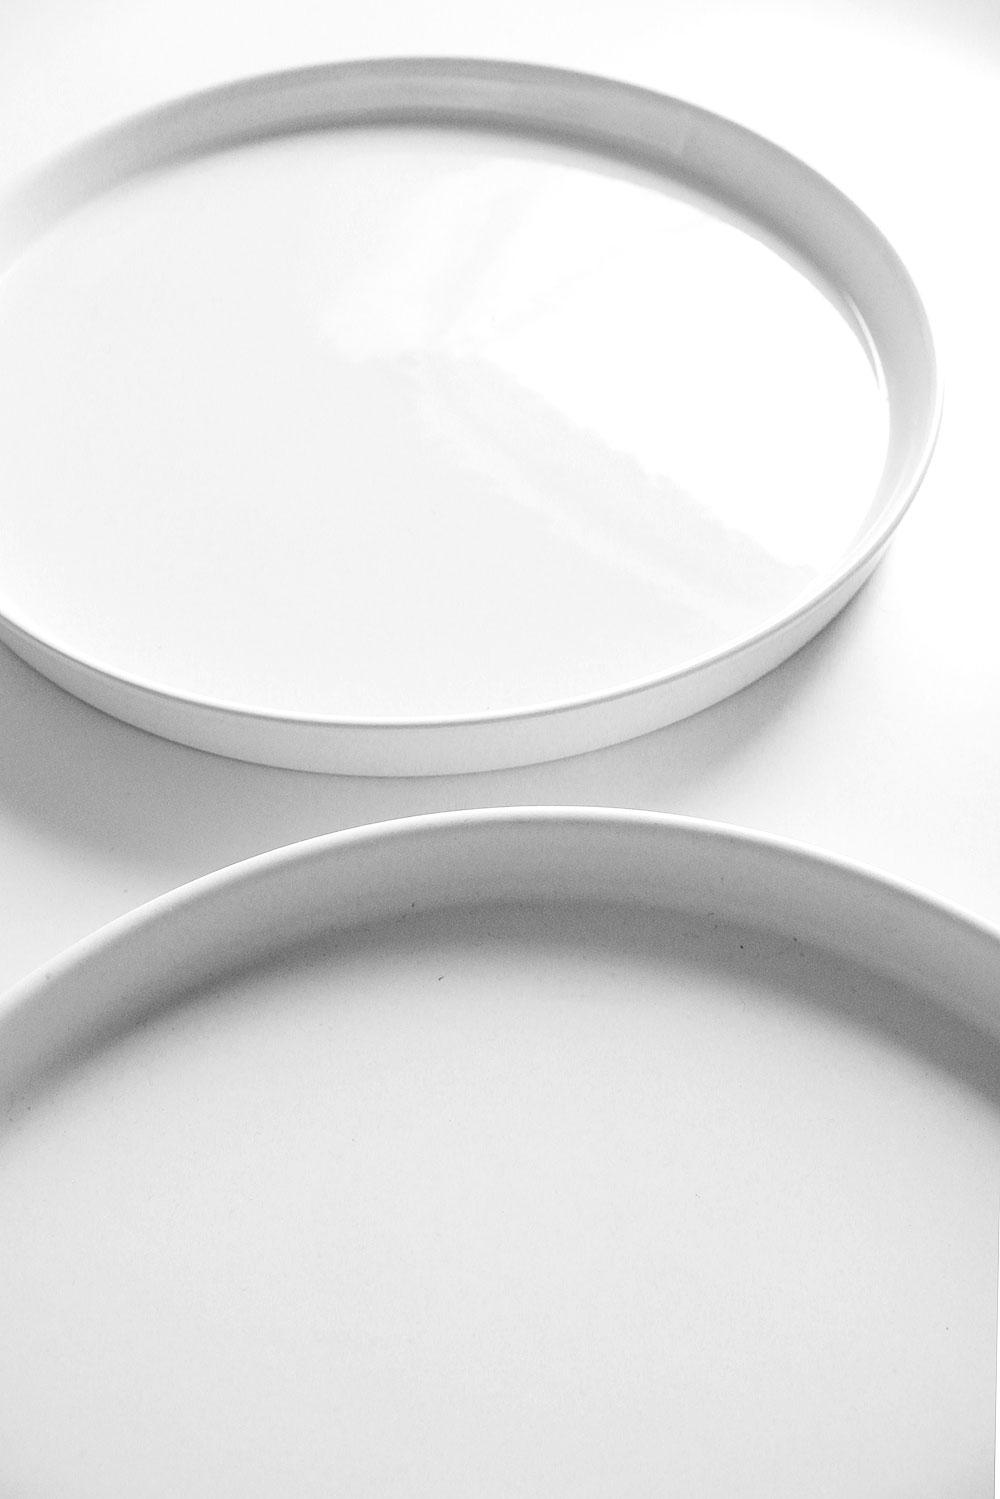 Glänzendes Porzellan mit Mattspray aufhübschen